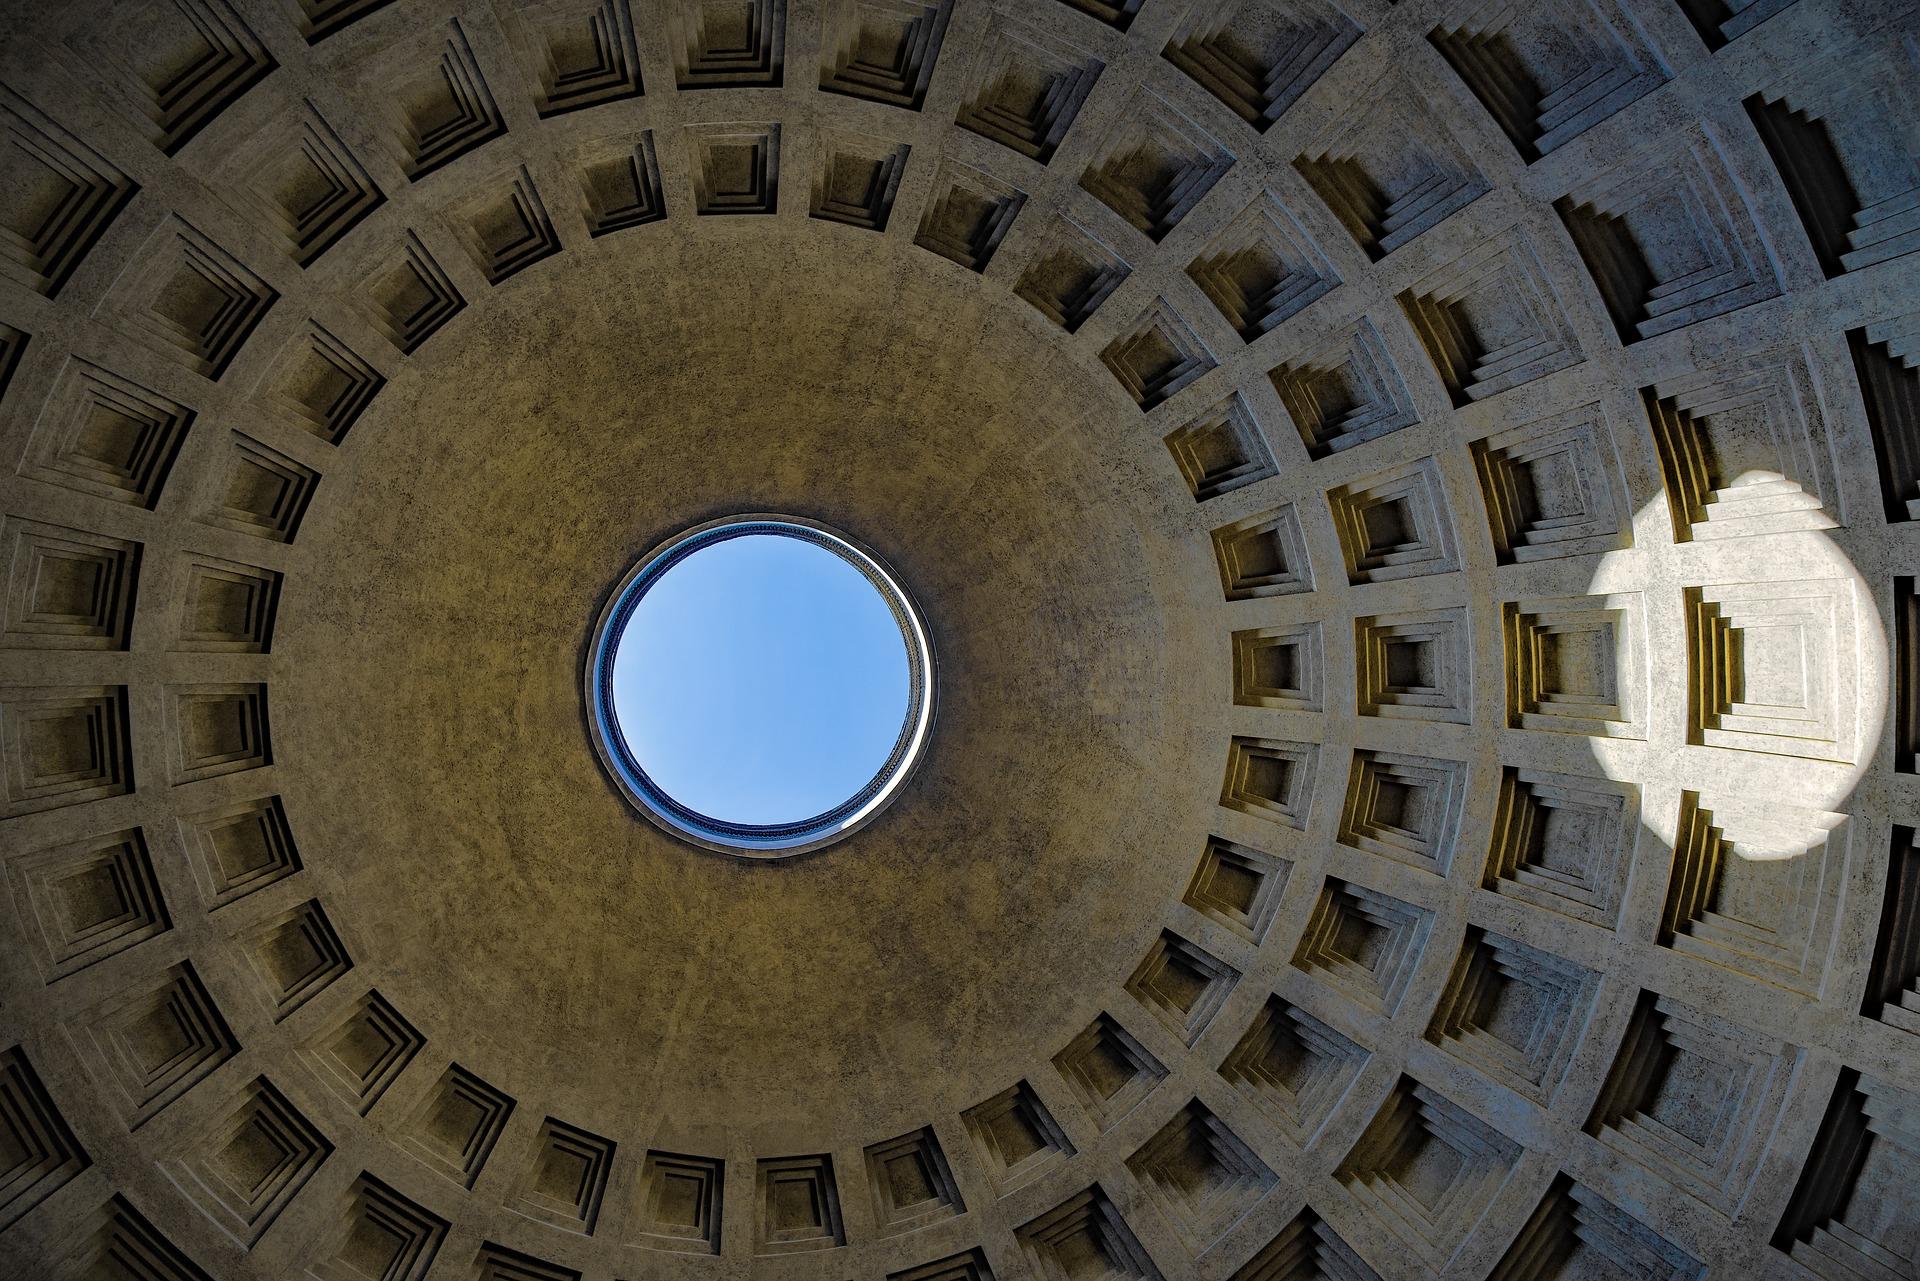 pantheon-3389208_1920